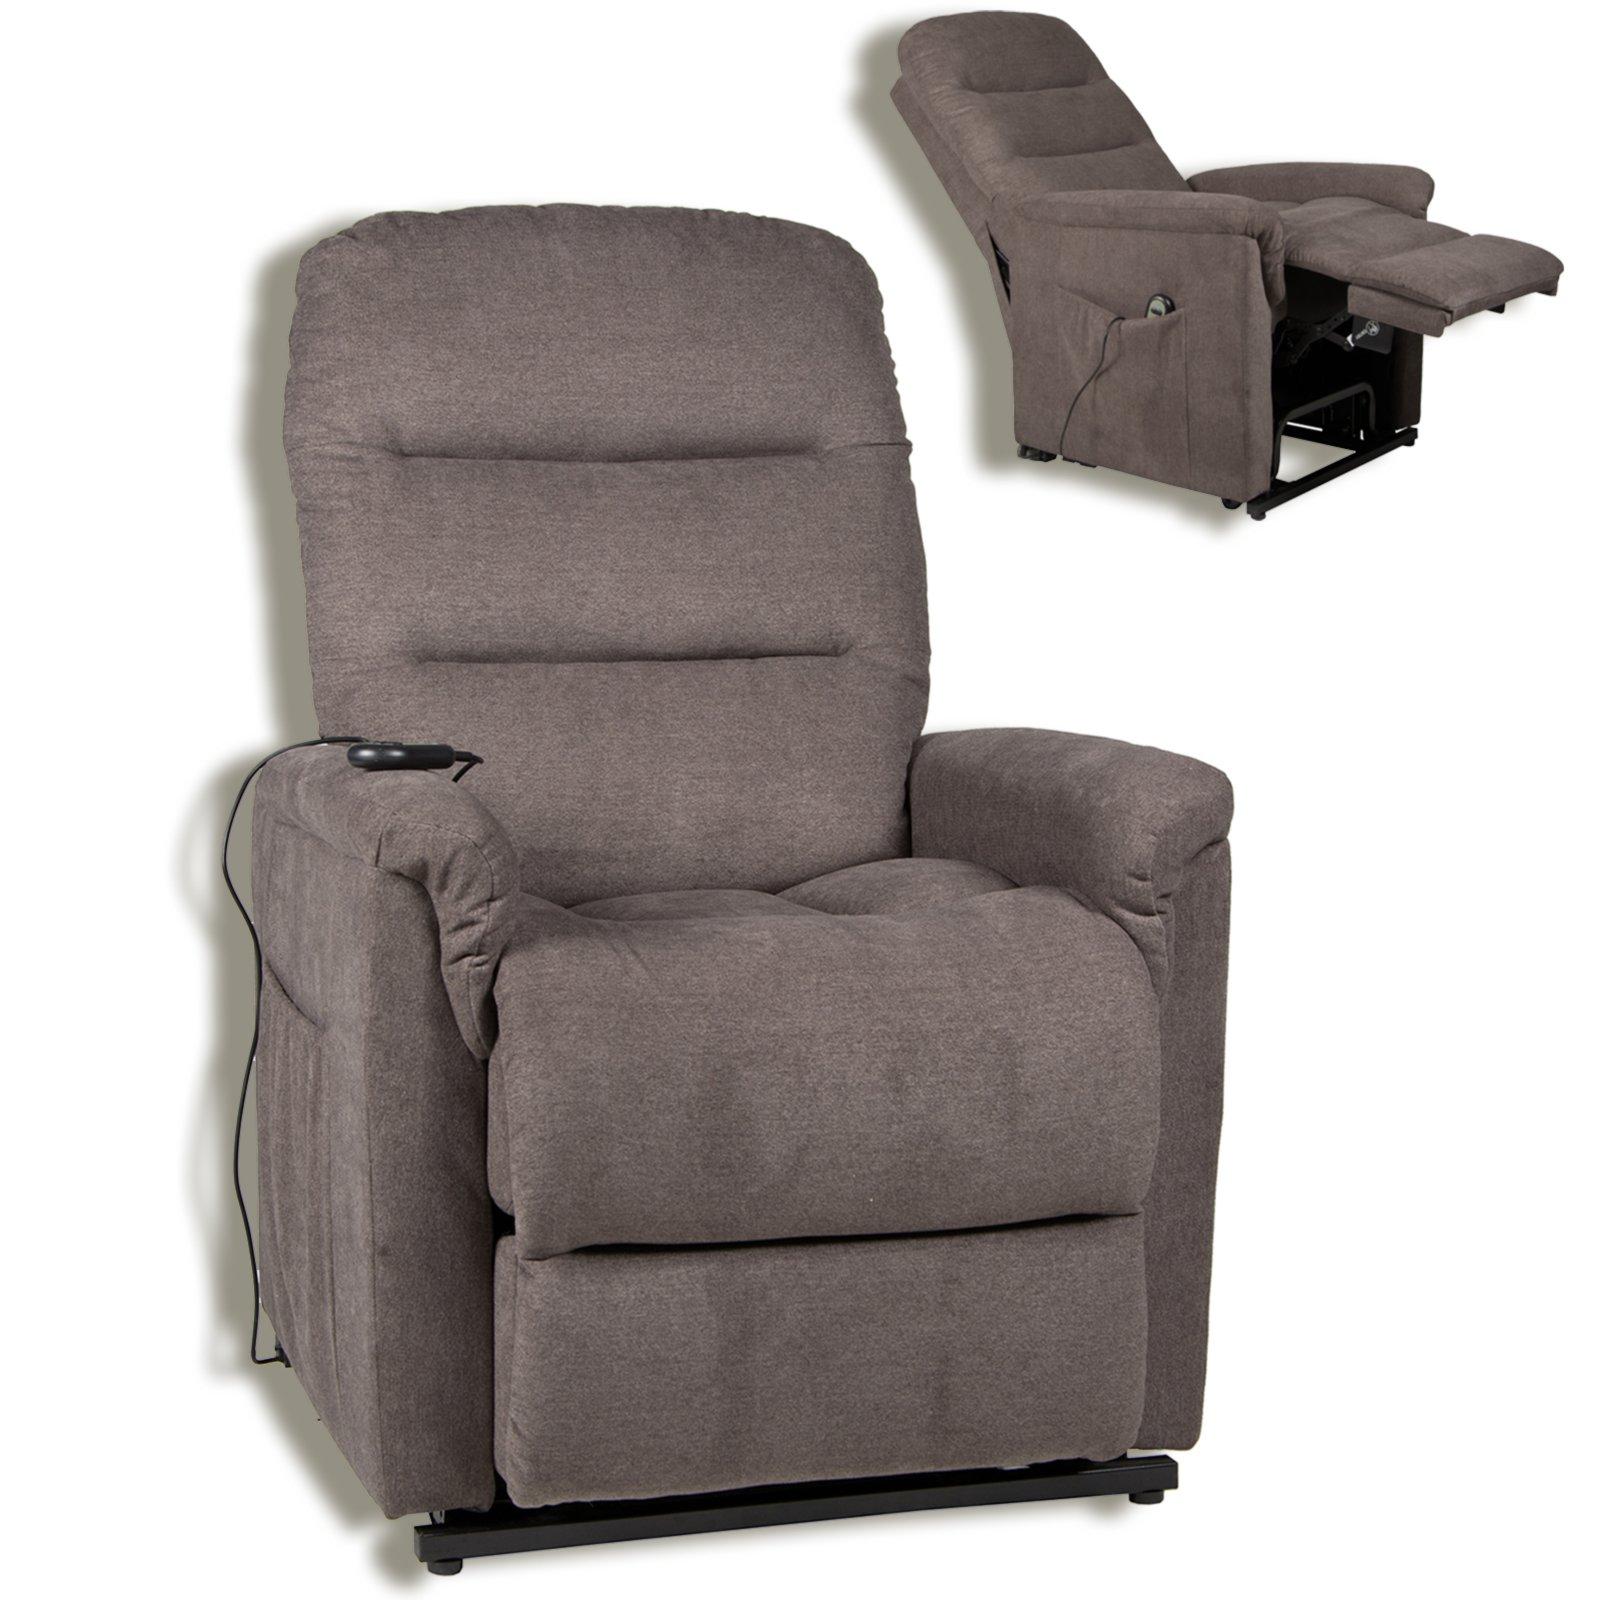 tv sessel graubraun mit motor und aufstehhilfe fernseh relaxsessel sessel hocker. Black Bedroom Furniture Sets. Home Design Ideas